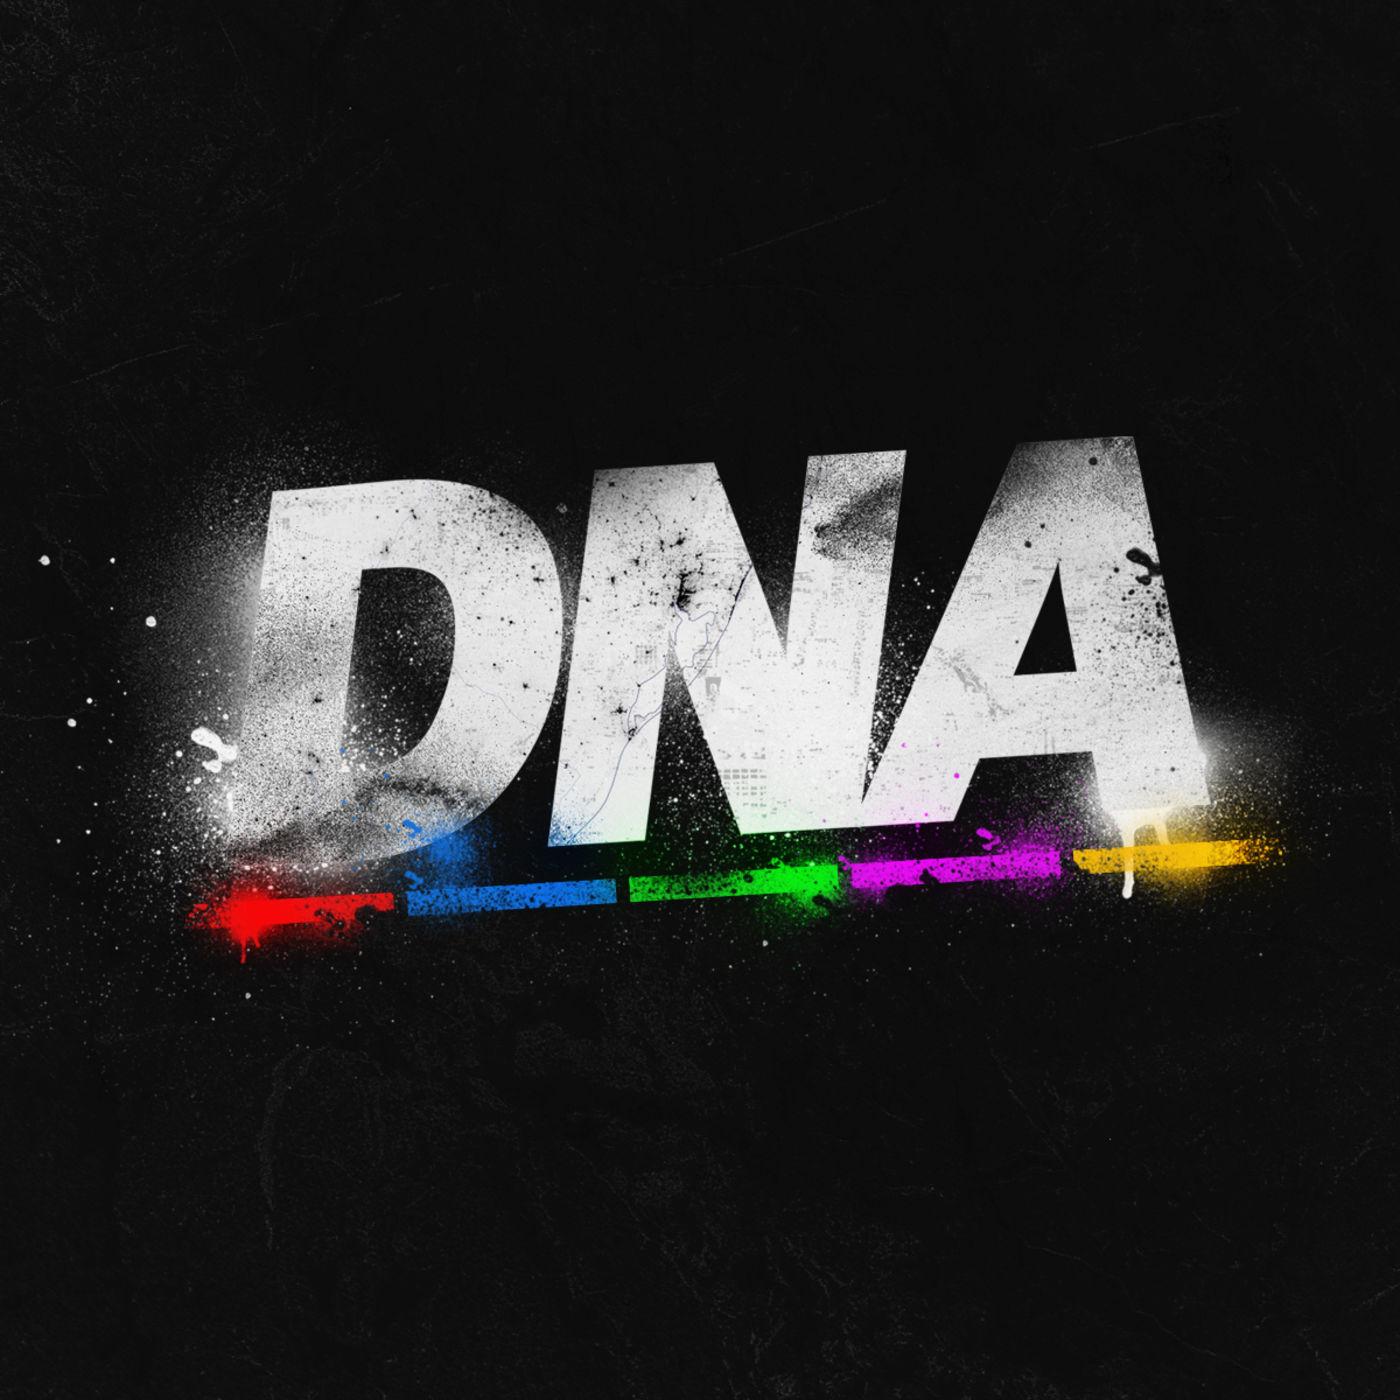 DNA #3 - Growing in Generosity